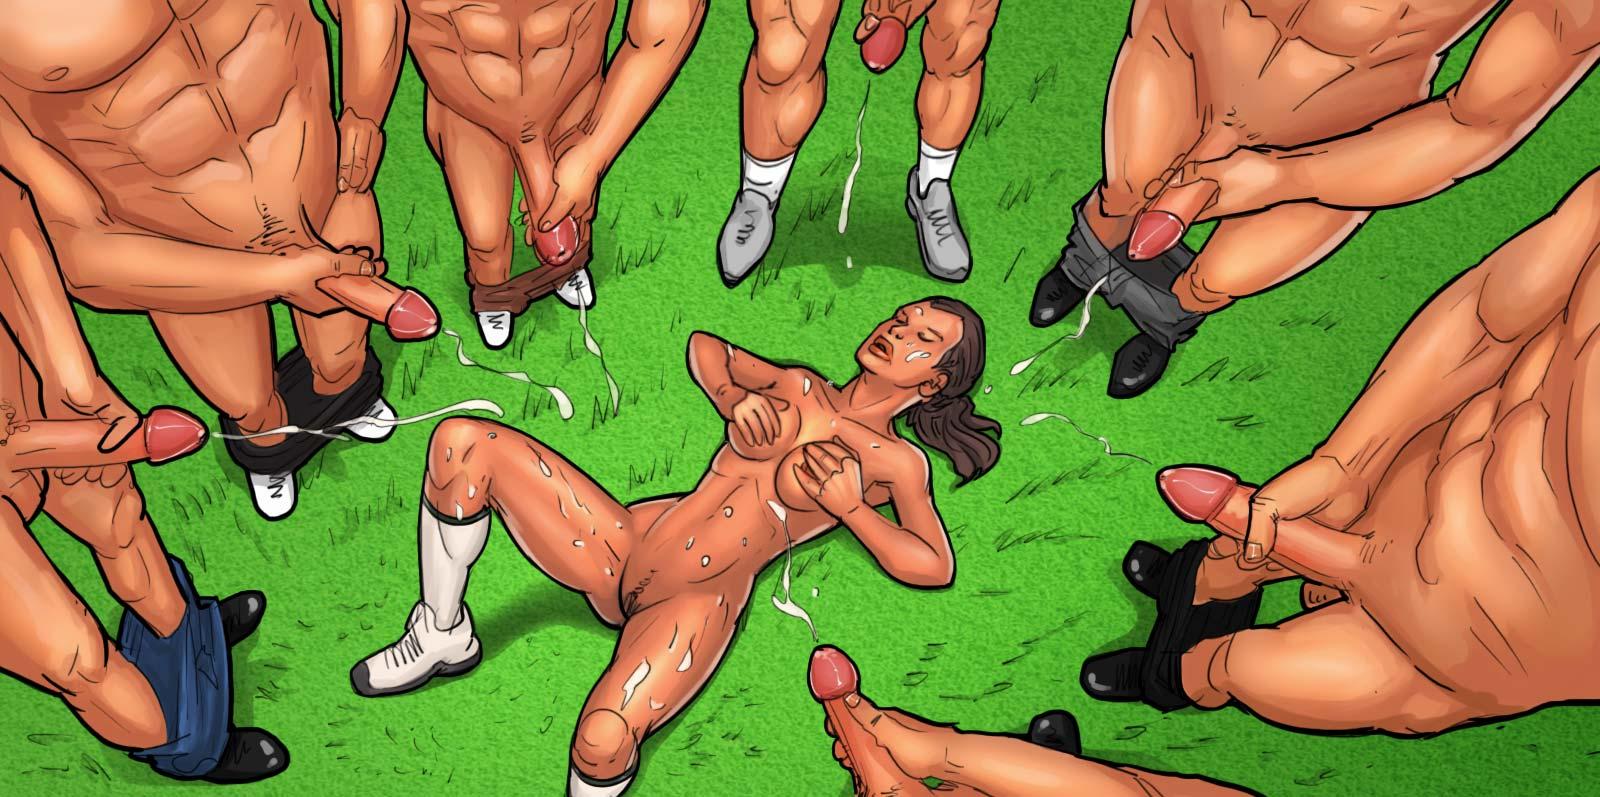 Играть в эротические игры для мужчин пизду